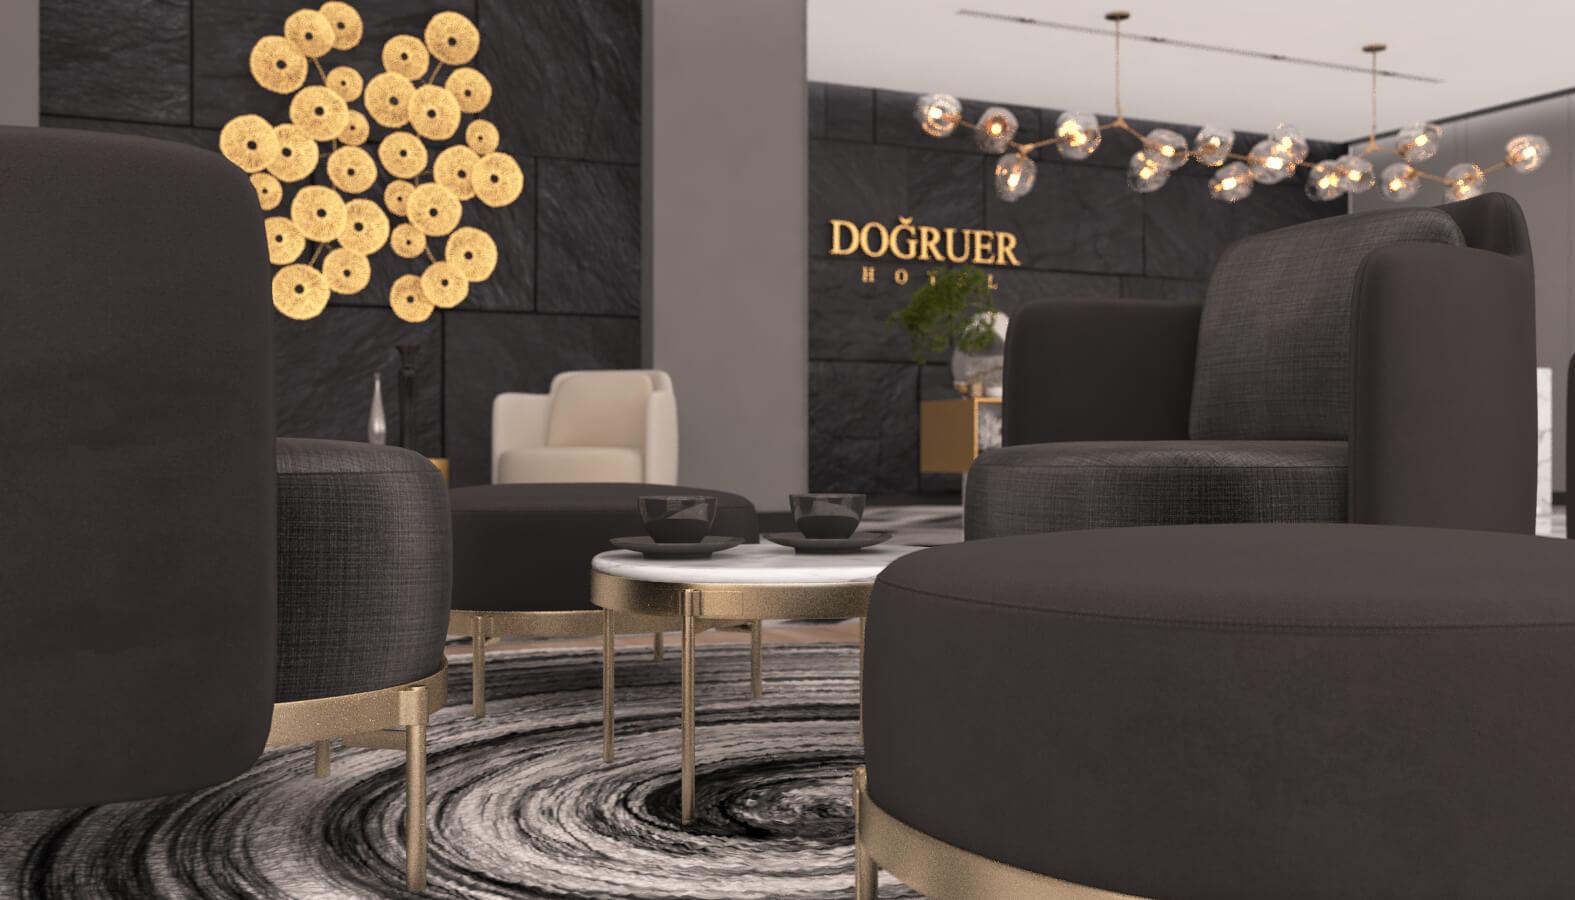 Otel Mimari ve İç Mimari Tasarımları Doğruer hotel